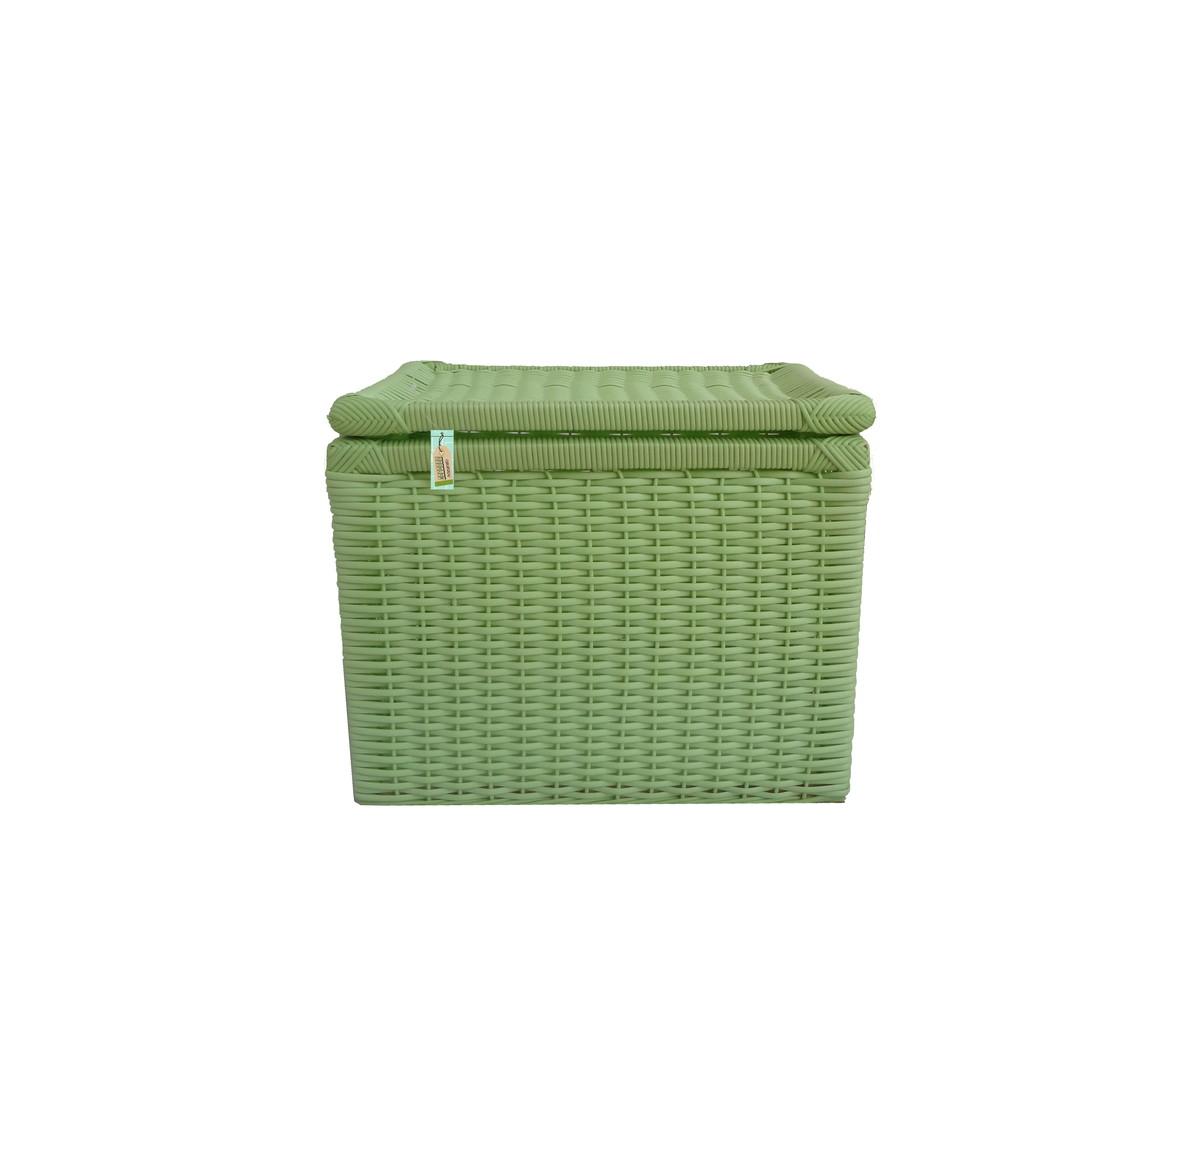 caixa fibra sintetica verde 42x32x34 fibra sintetica caixa fibra  #2C4810 1200x1163